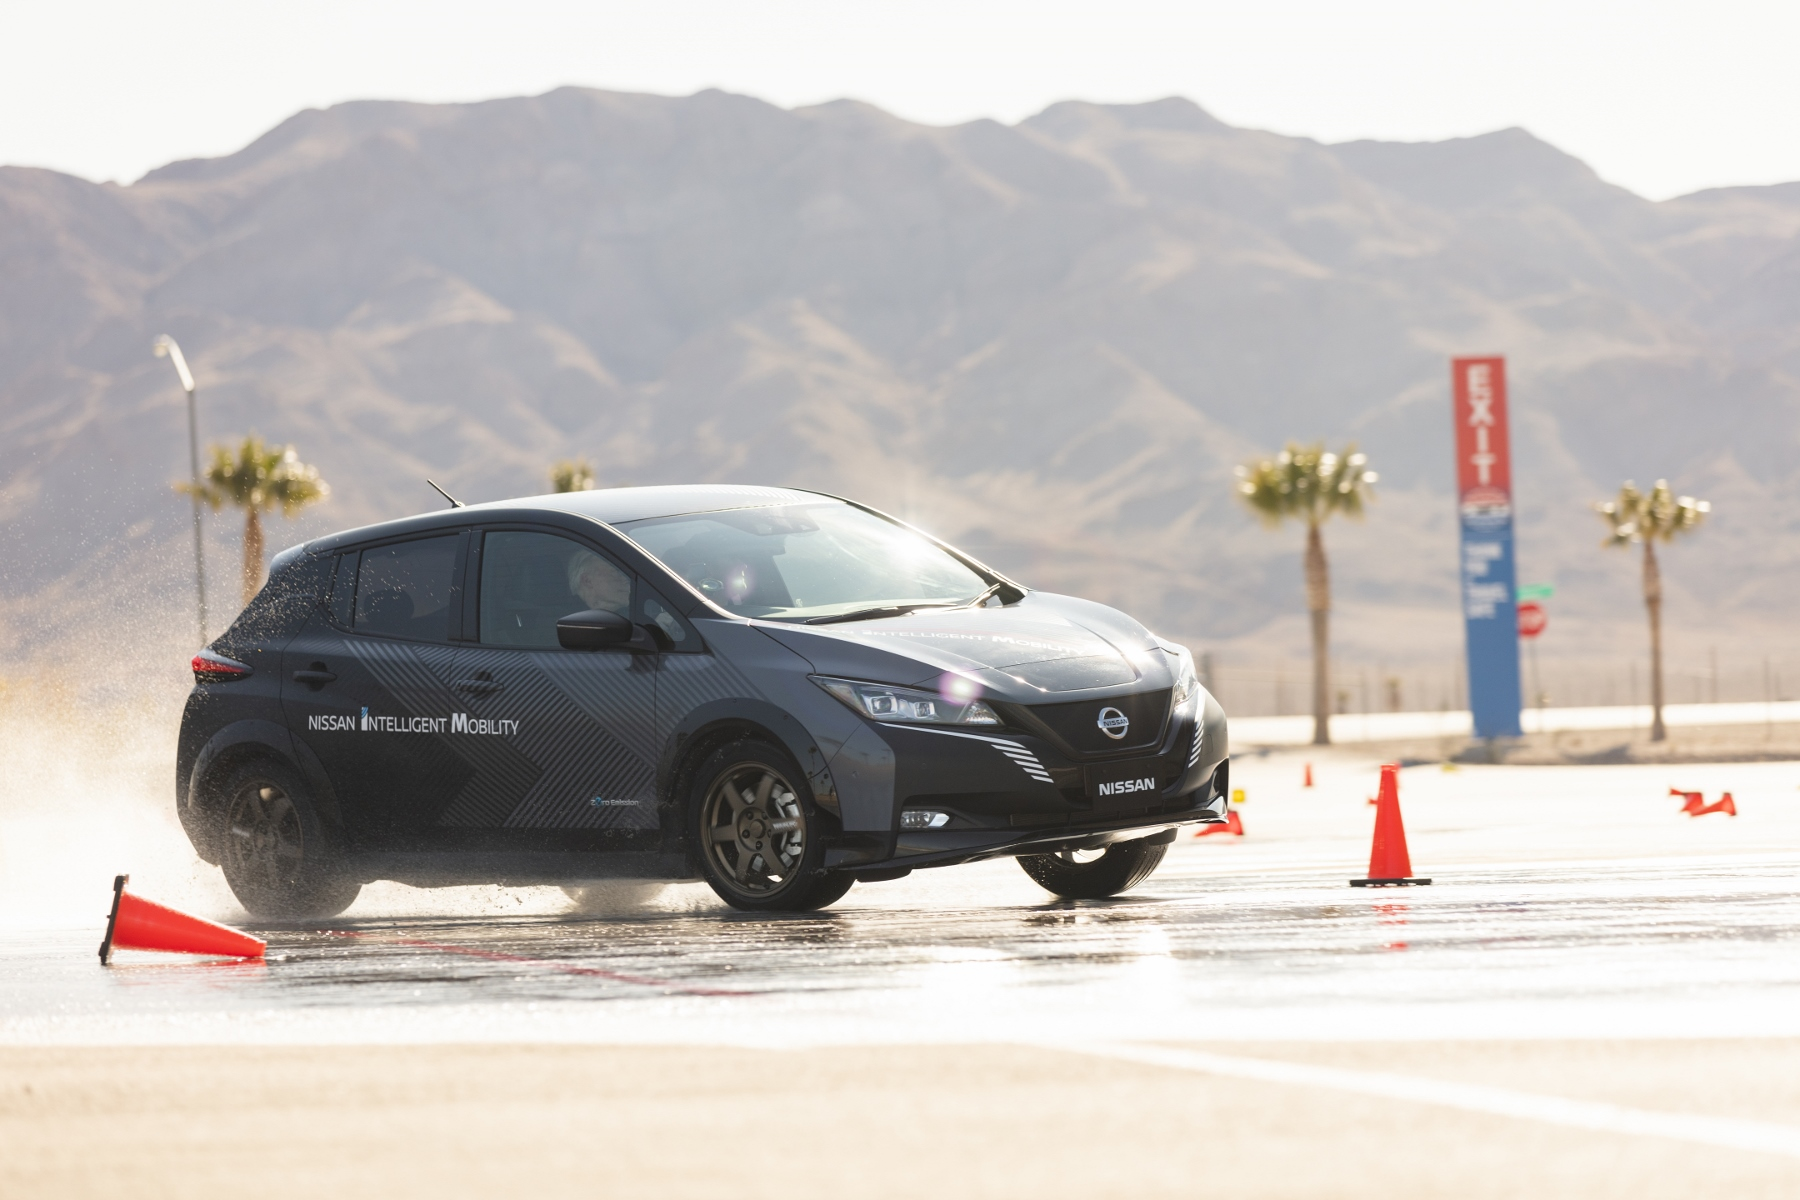 Nissan prichádza s revolučným elektrickým pohonom všetkých kolies DIOpnGoJuS nissan-leaf-prototyp-8